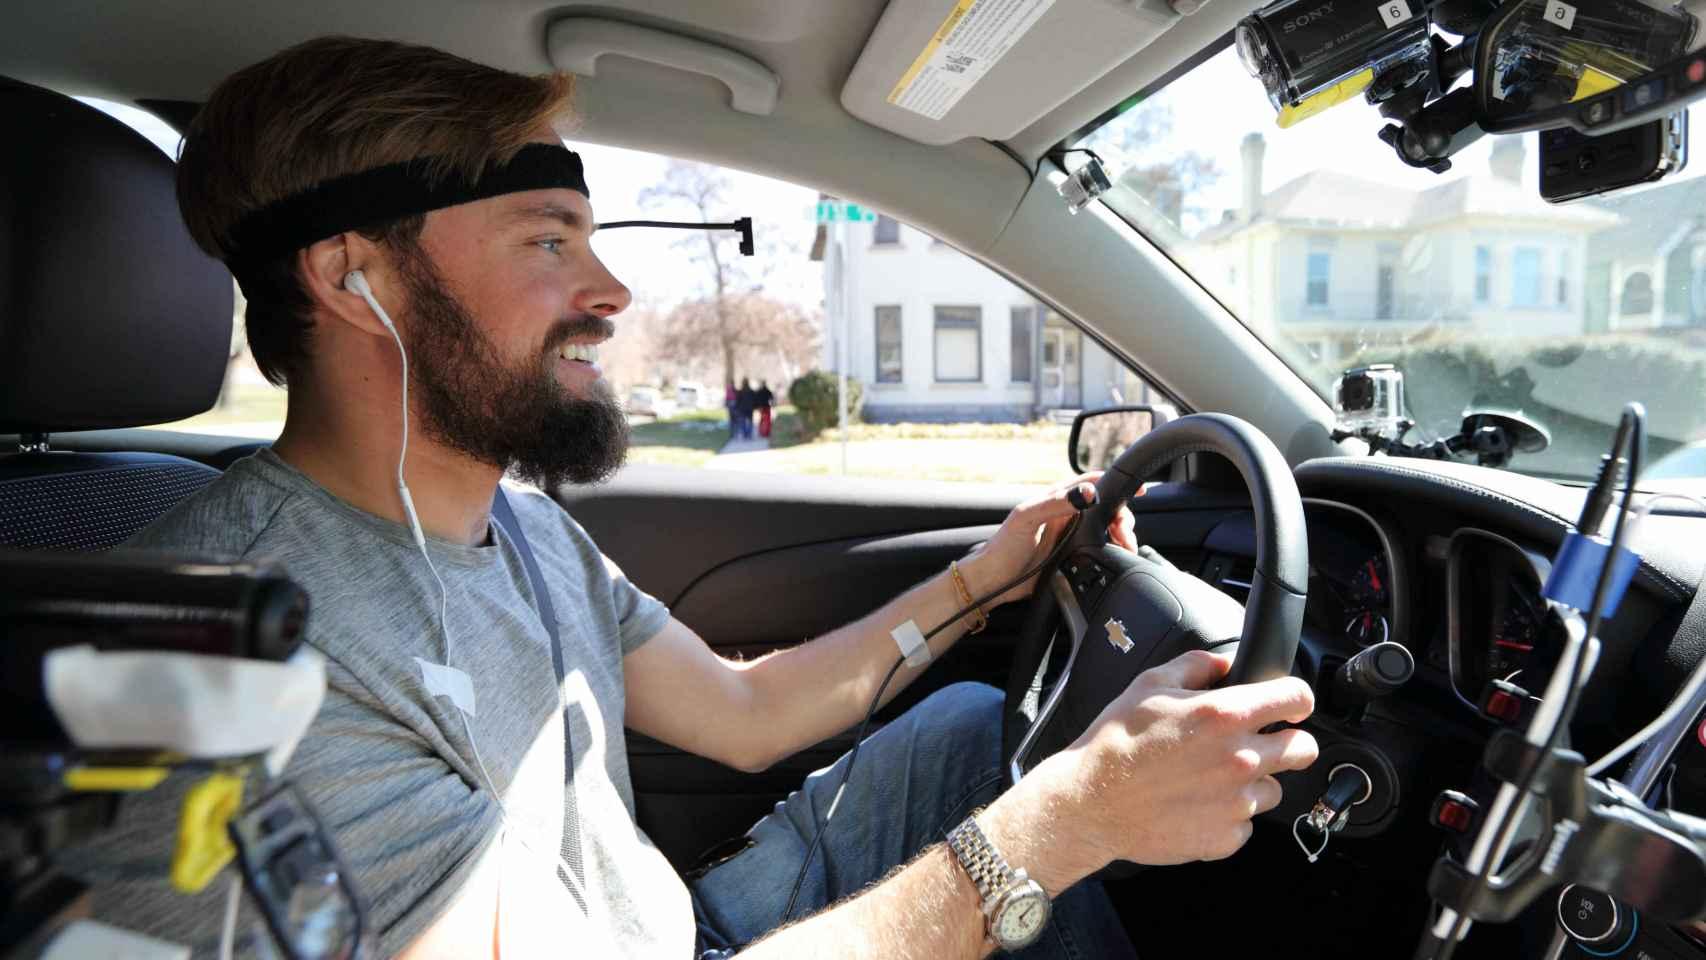 La confianza al volante hace que no nos demos cuenta de las distracciones.